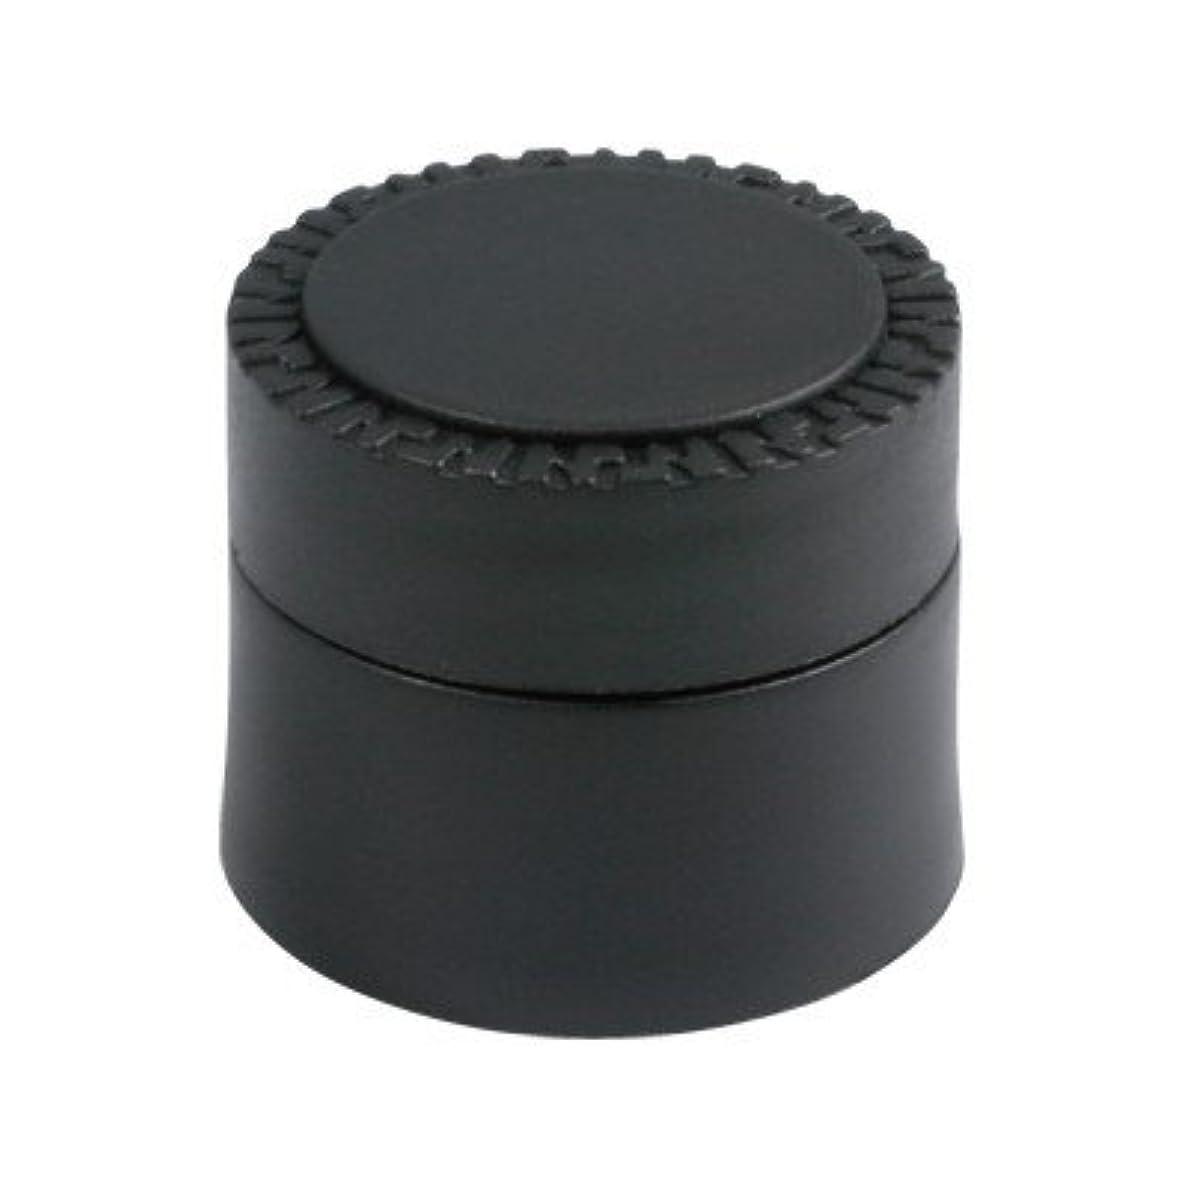 布権限気配りのあるメルティージェル NFS MELTY GEL 空容器 黒 (容量5g)